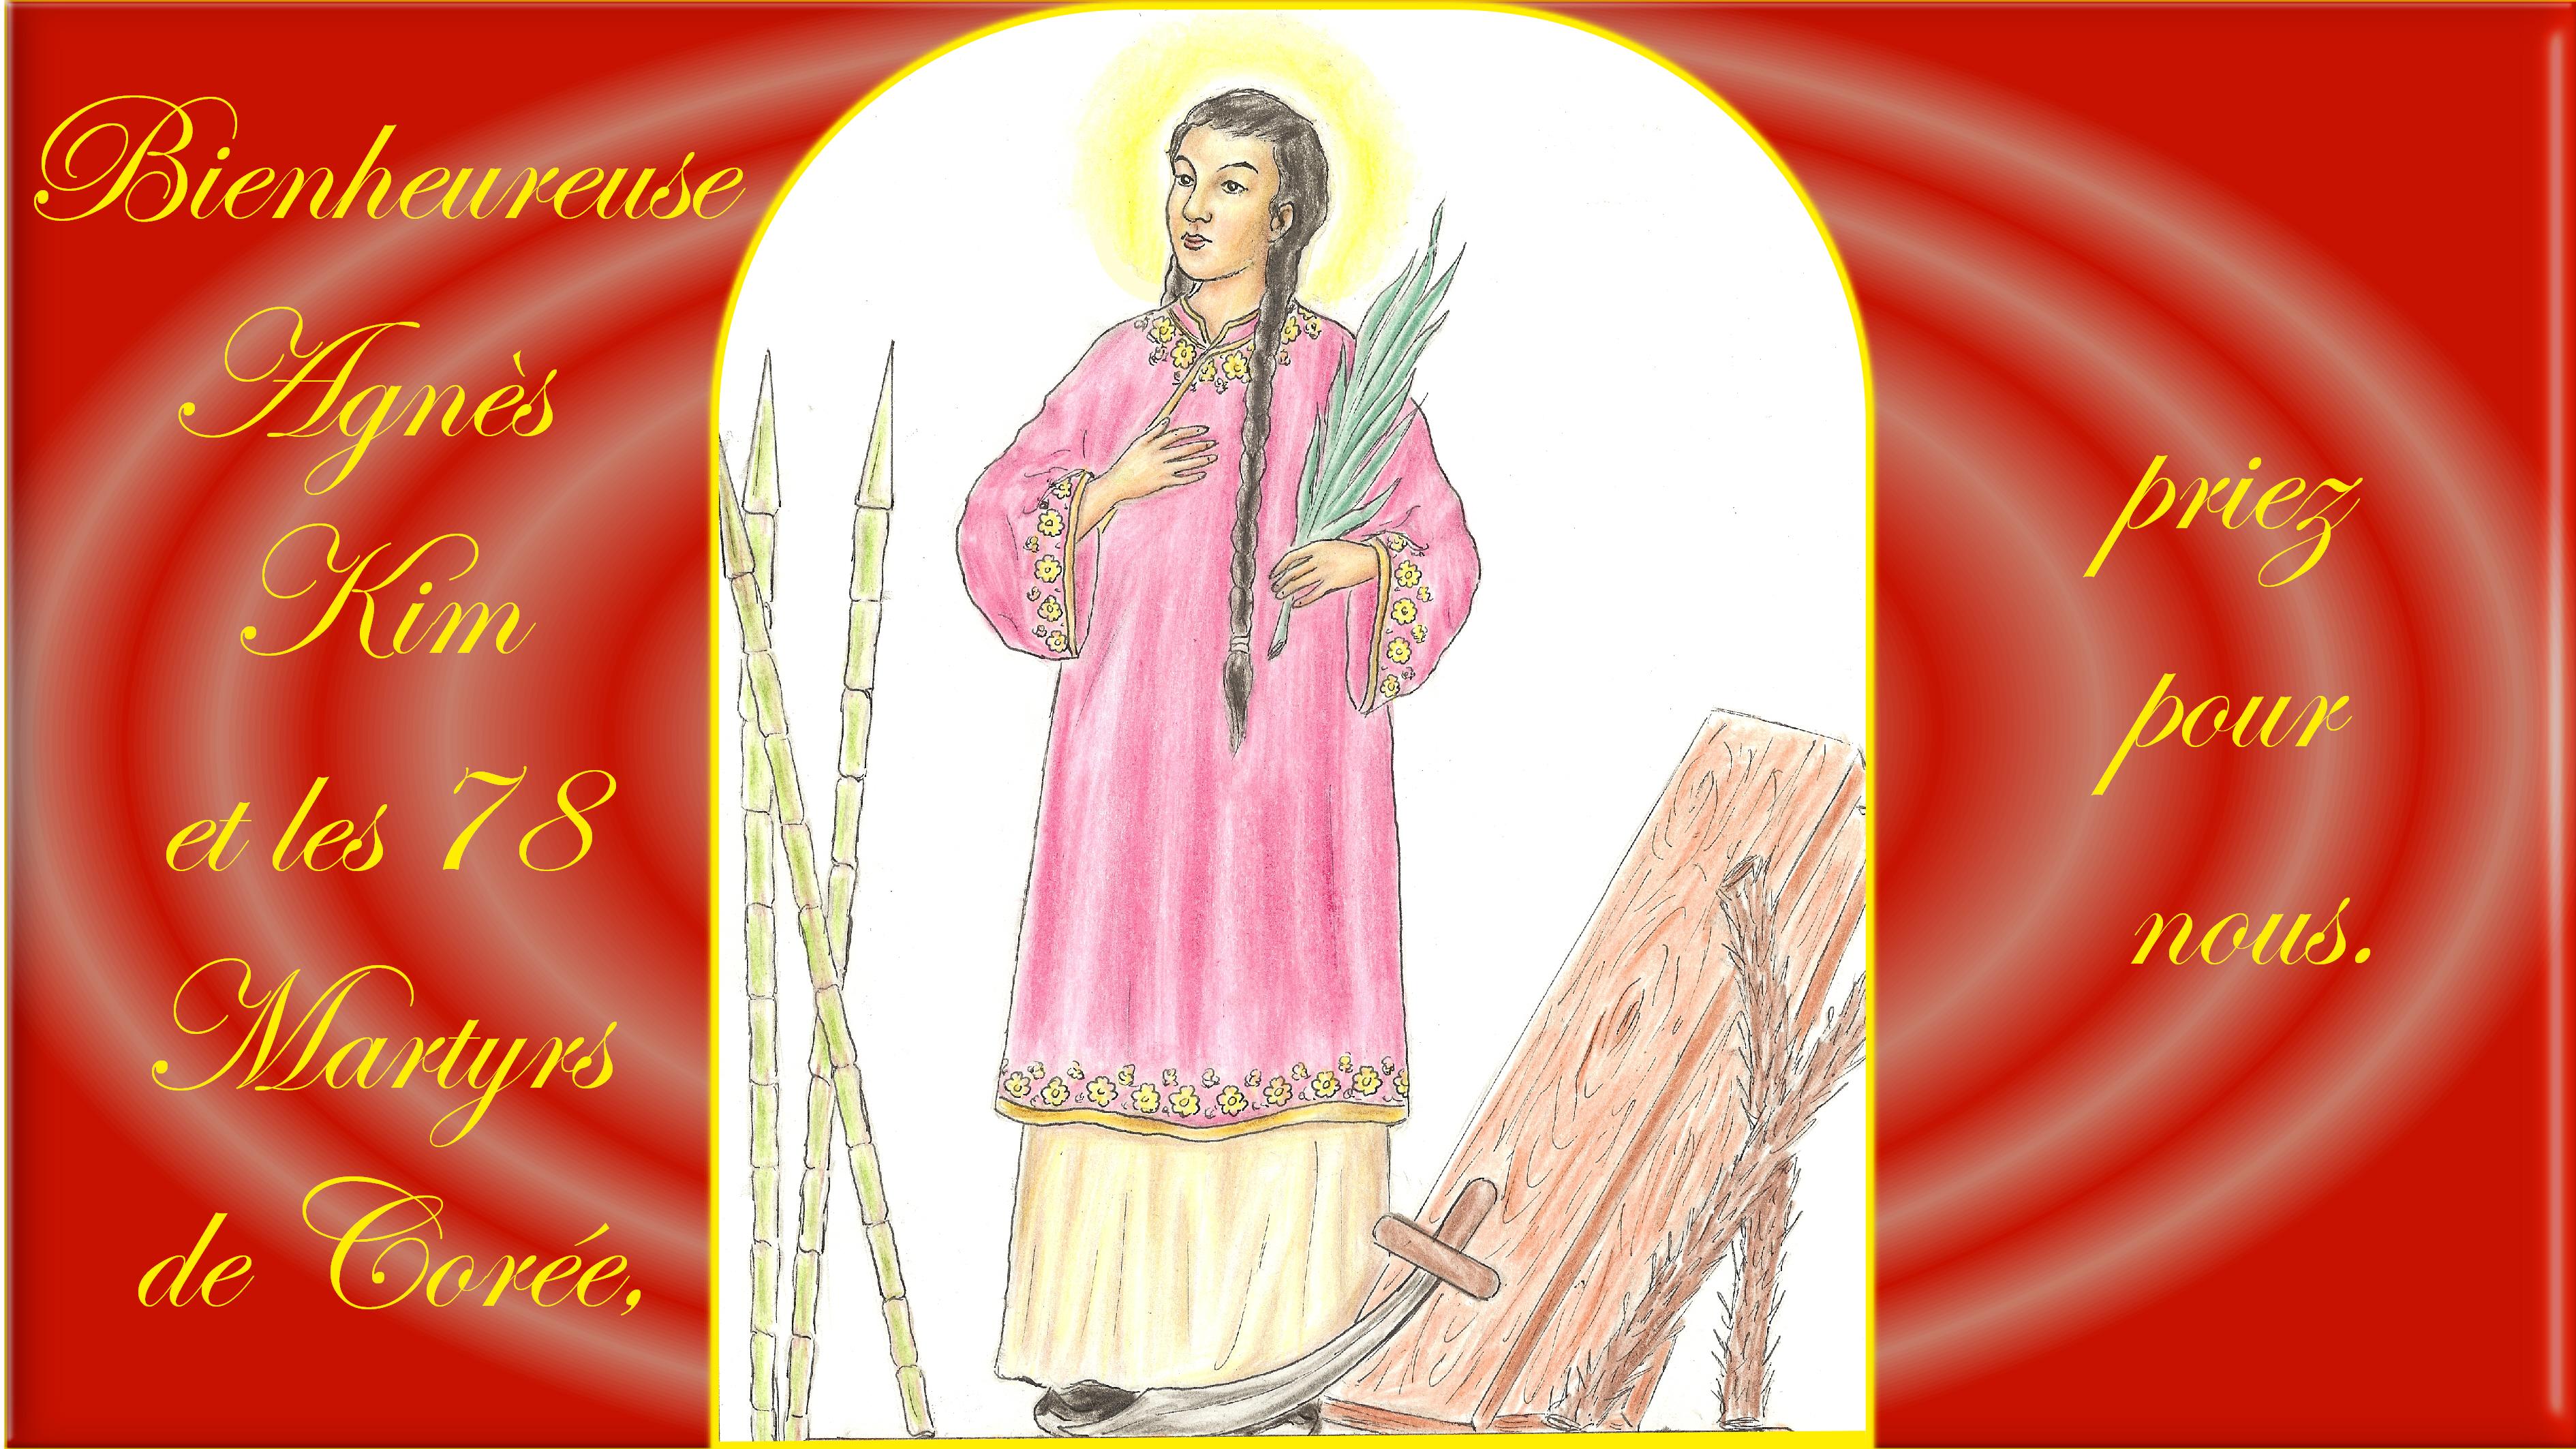 CALENDRIER CATHOLIQUE 2019 (Cantiques, Prières & Images) - Page 9 Bse-agn-s-kim-5695e33